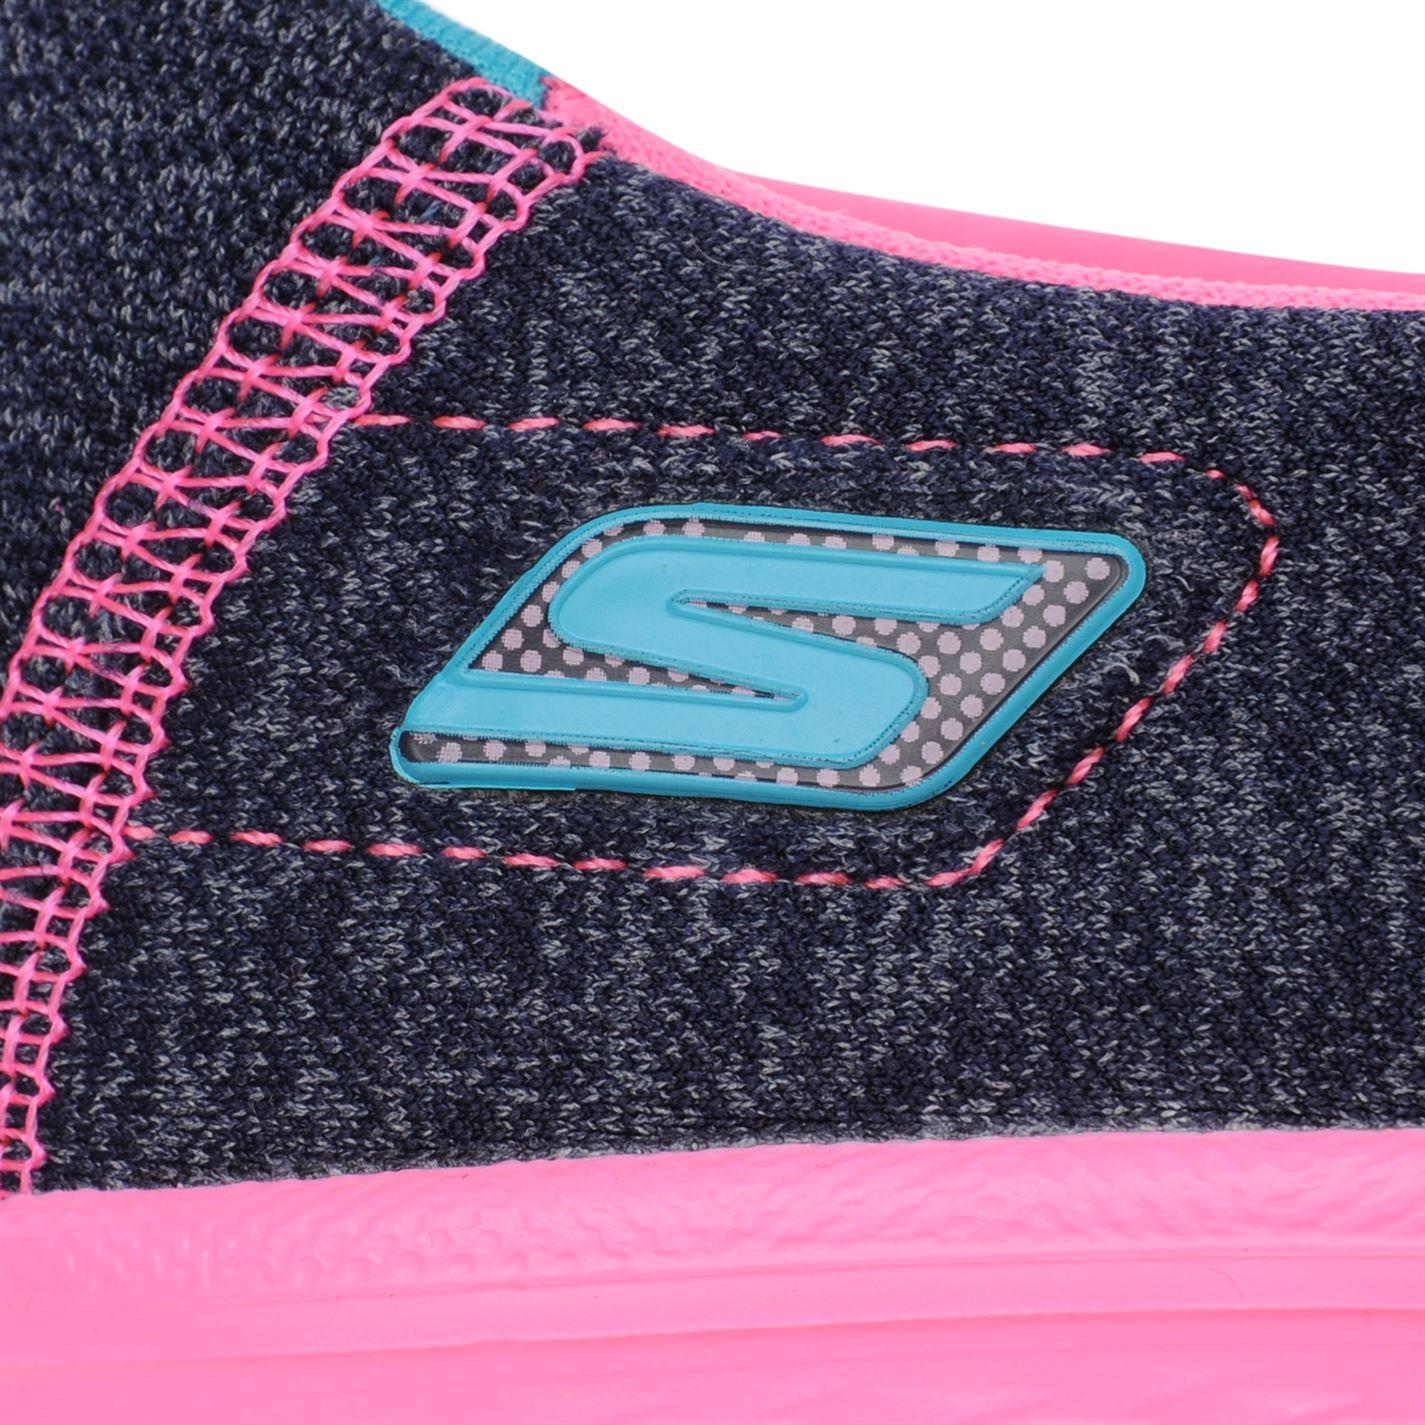 Estampado Walk para de liviano Azul Zapatos deporte sin 4 Skechers Go multi marino Zapatillas cordones chicas YwPdqx1g1n